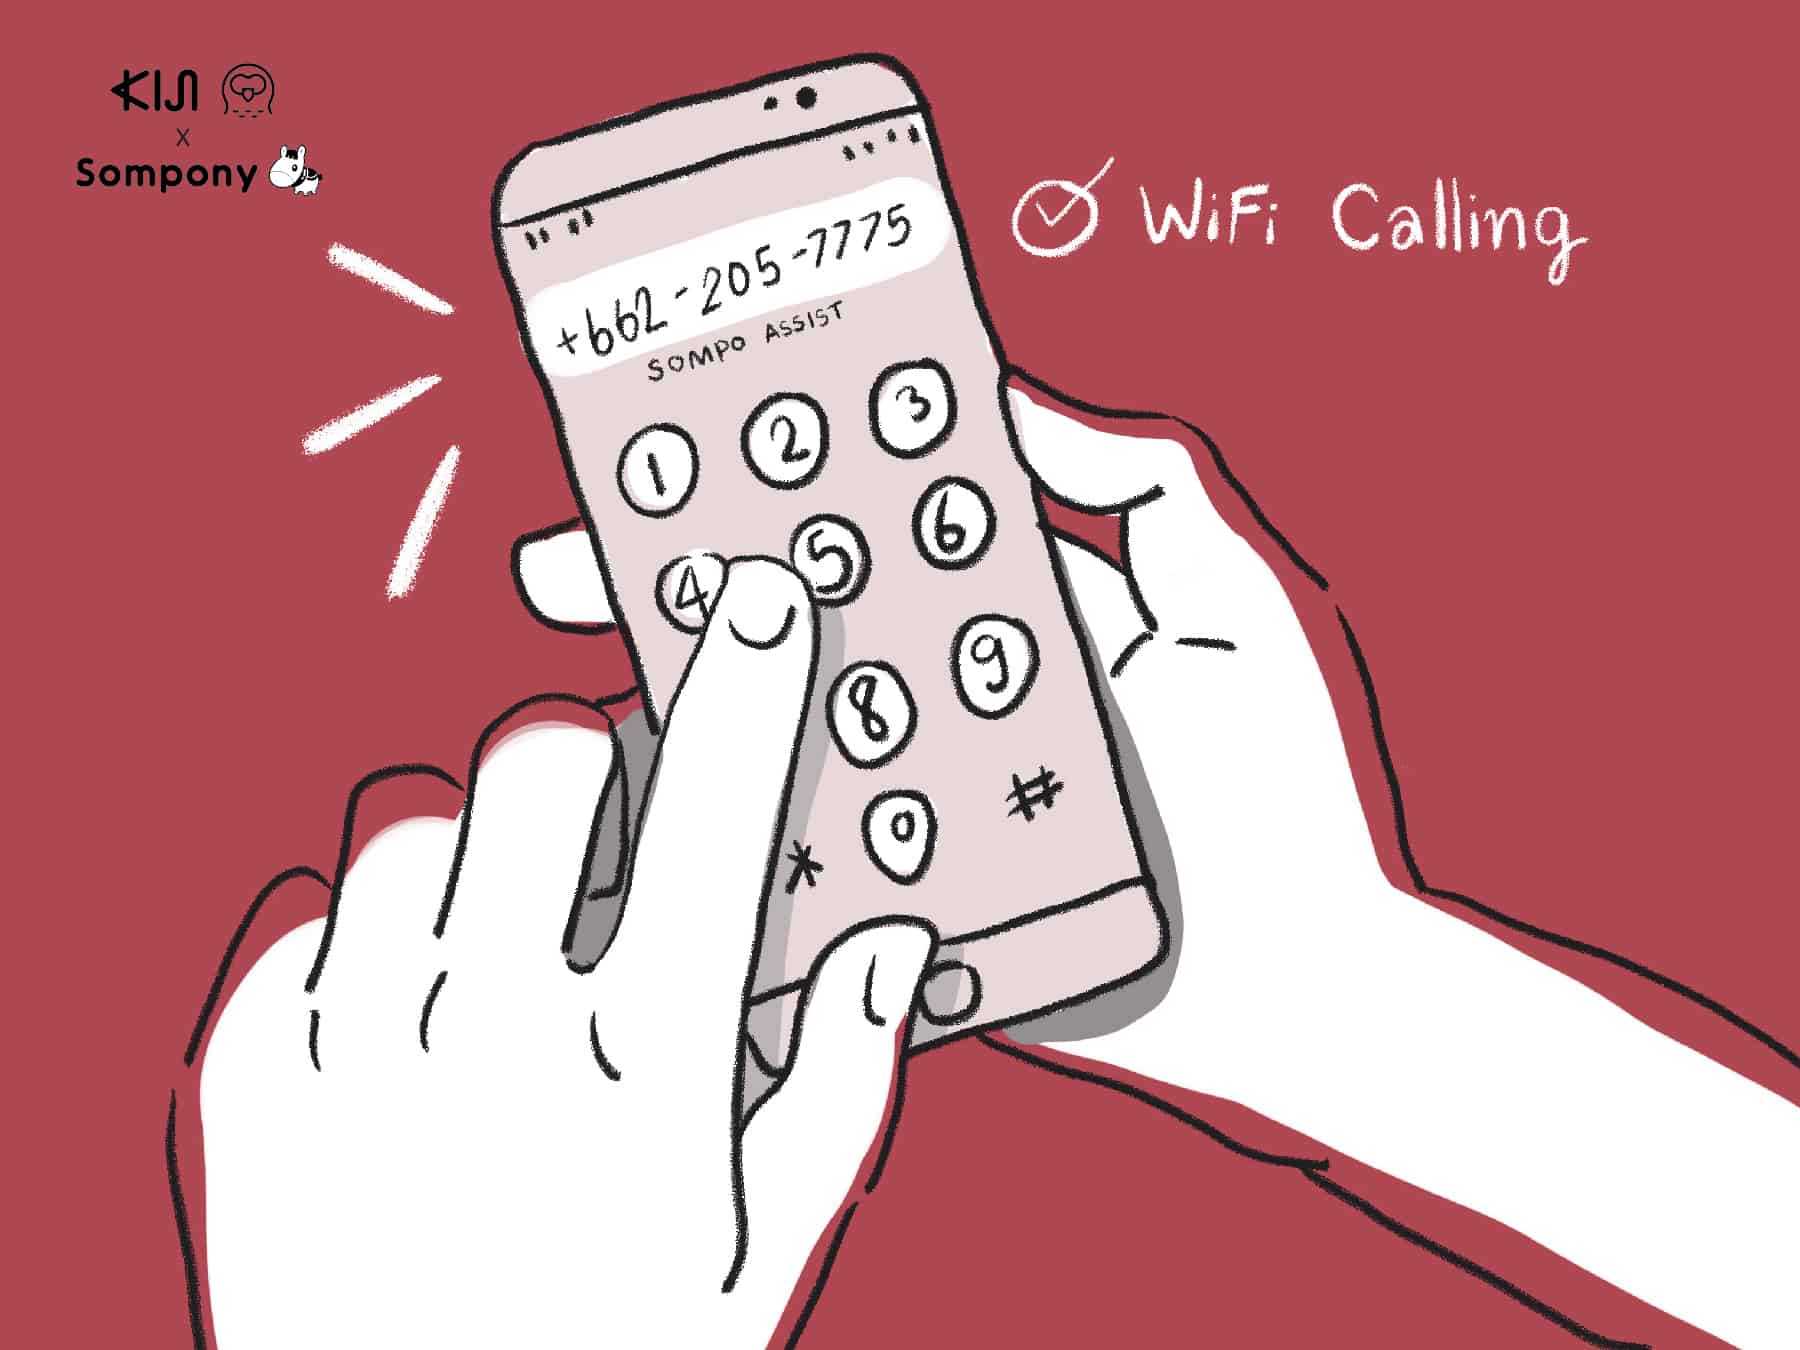 ซมโปะ (Sompo) : เบอร์โทร Wi-fi Calling